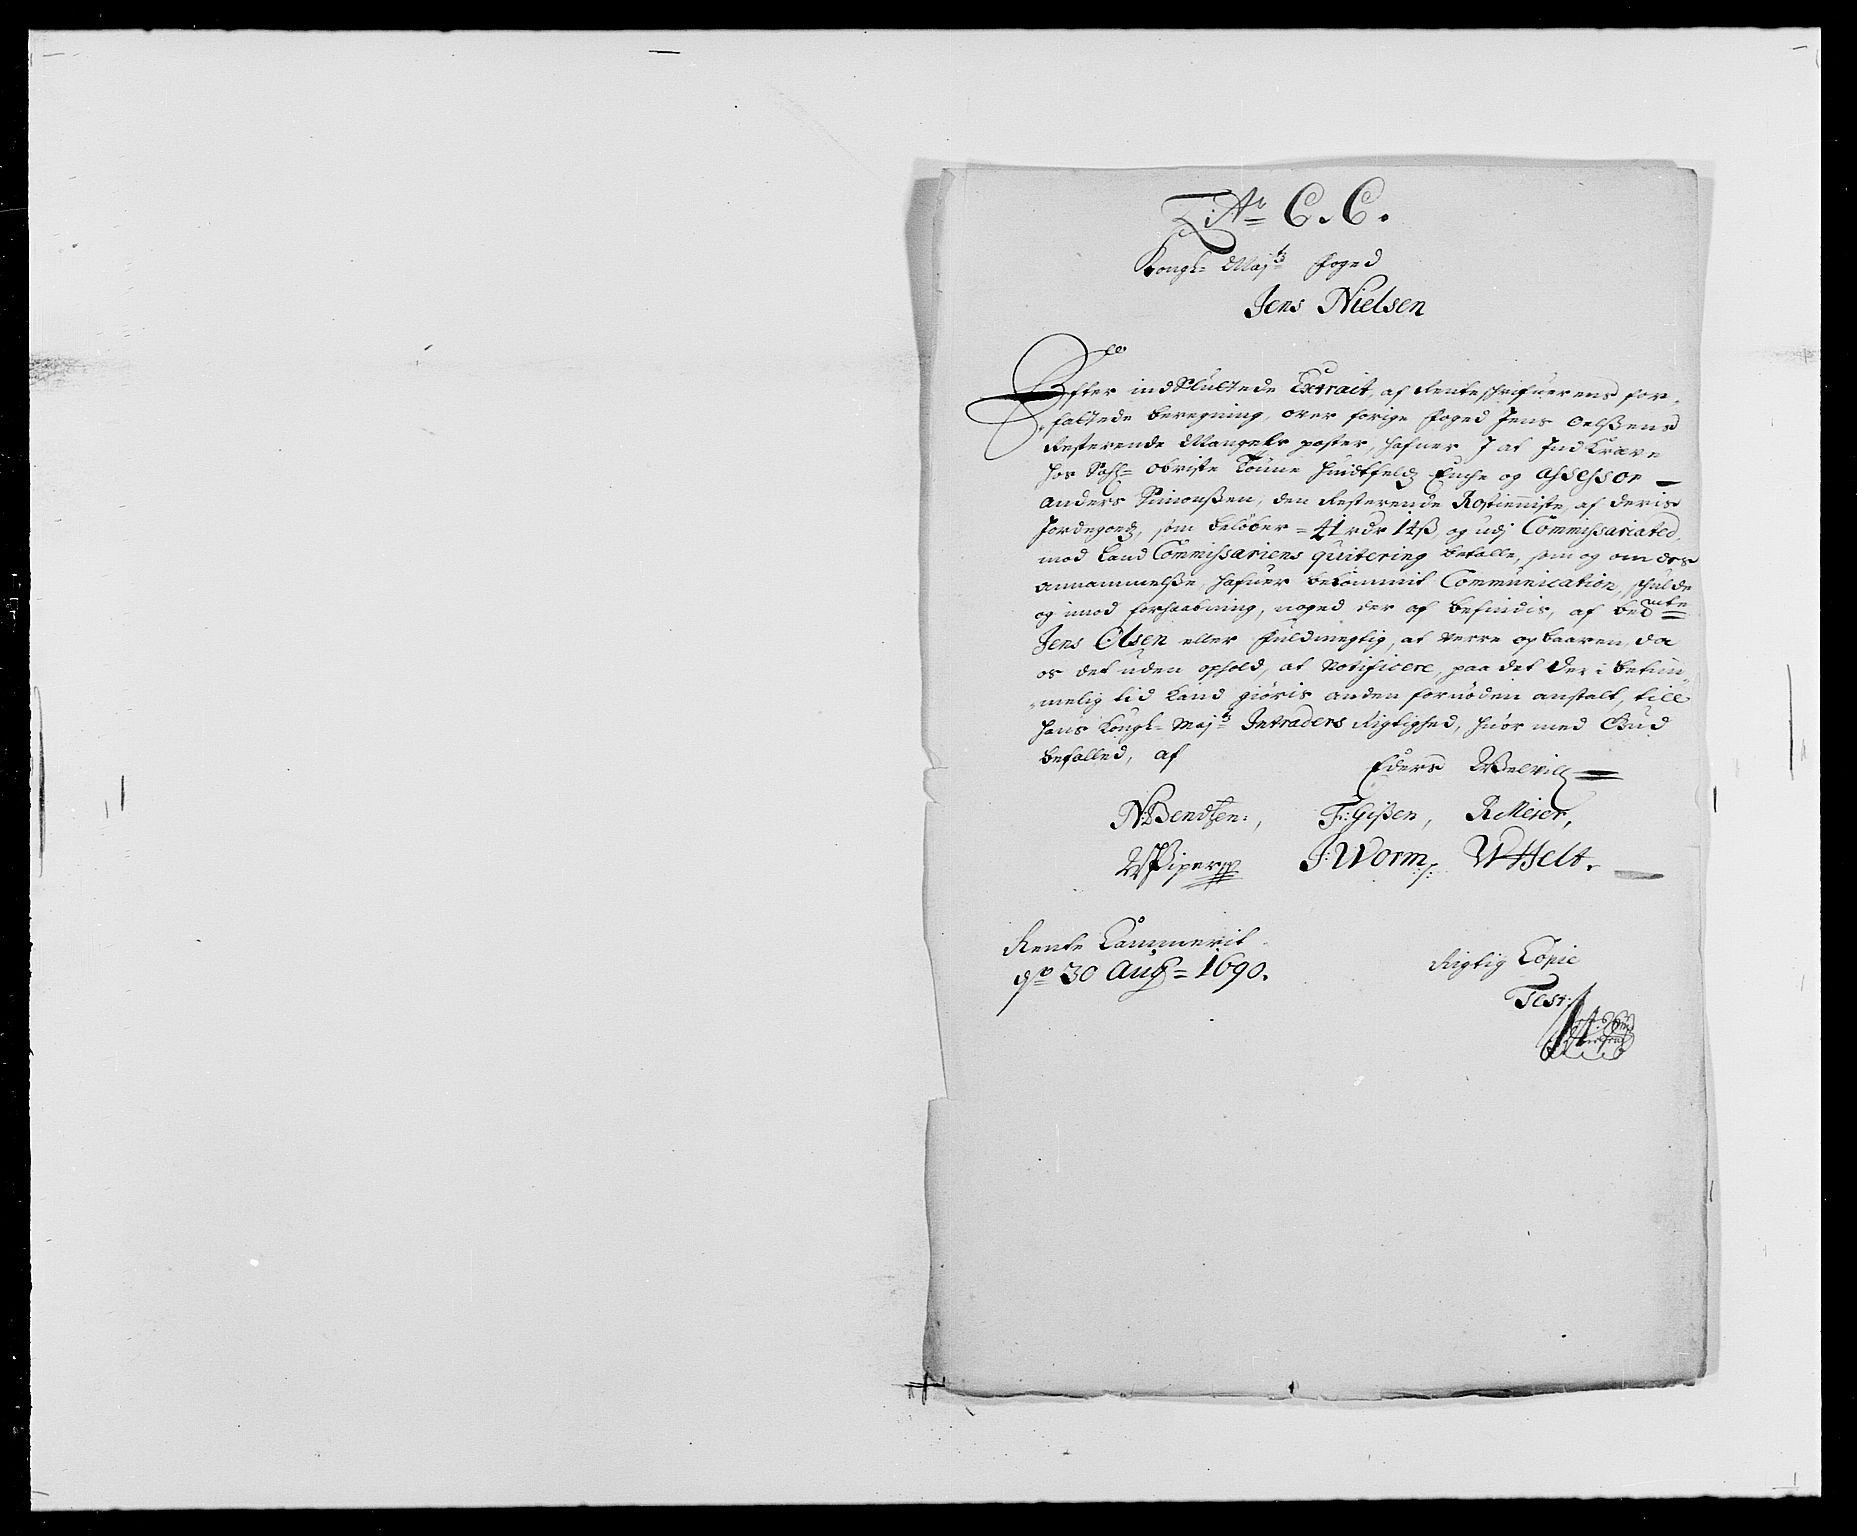 RA, Rentekammeret inntil 1814, Reviderte regnskaper, Fogderegnskap, R29/L1693: Fogderegnskap Hurum og Røyken, 1688-1693, s. 233